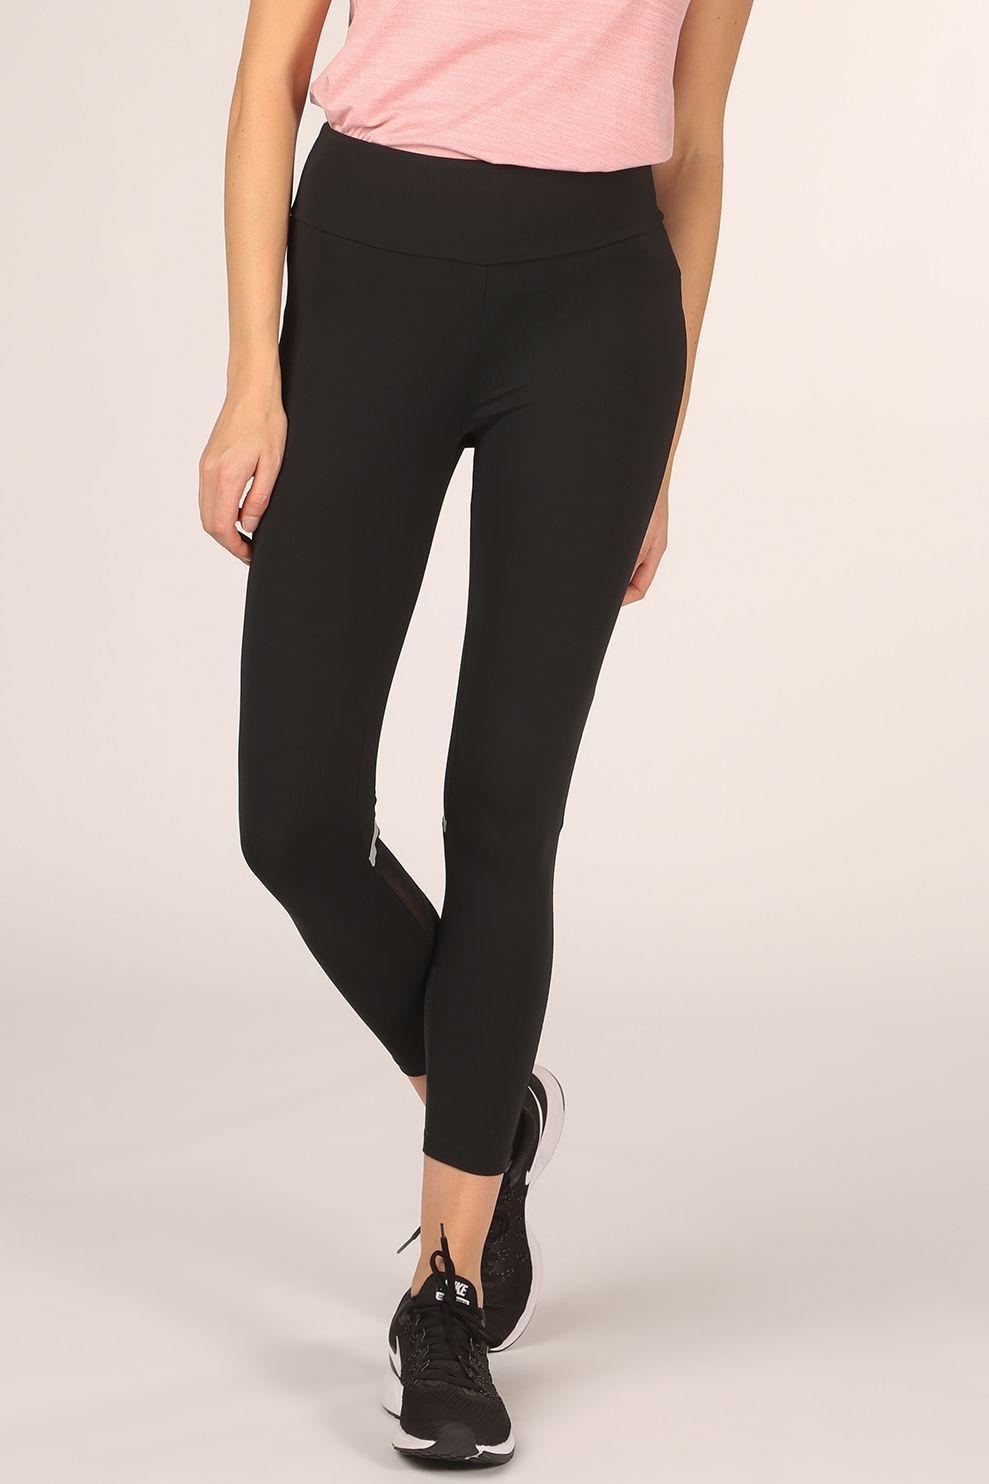 Esprit Legging Tight Edry Mesh Insert voor dames - Zwart - Maten: XS, S, M, L, XL - Nieuwe collectie